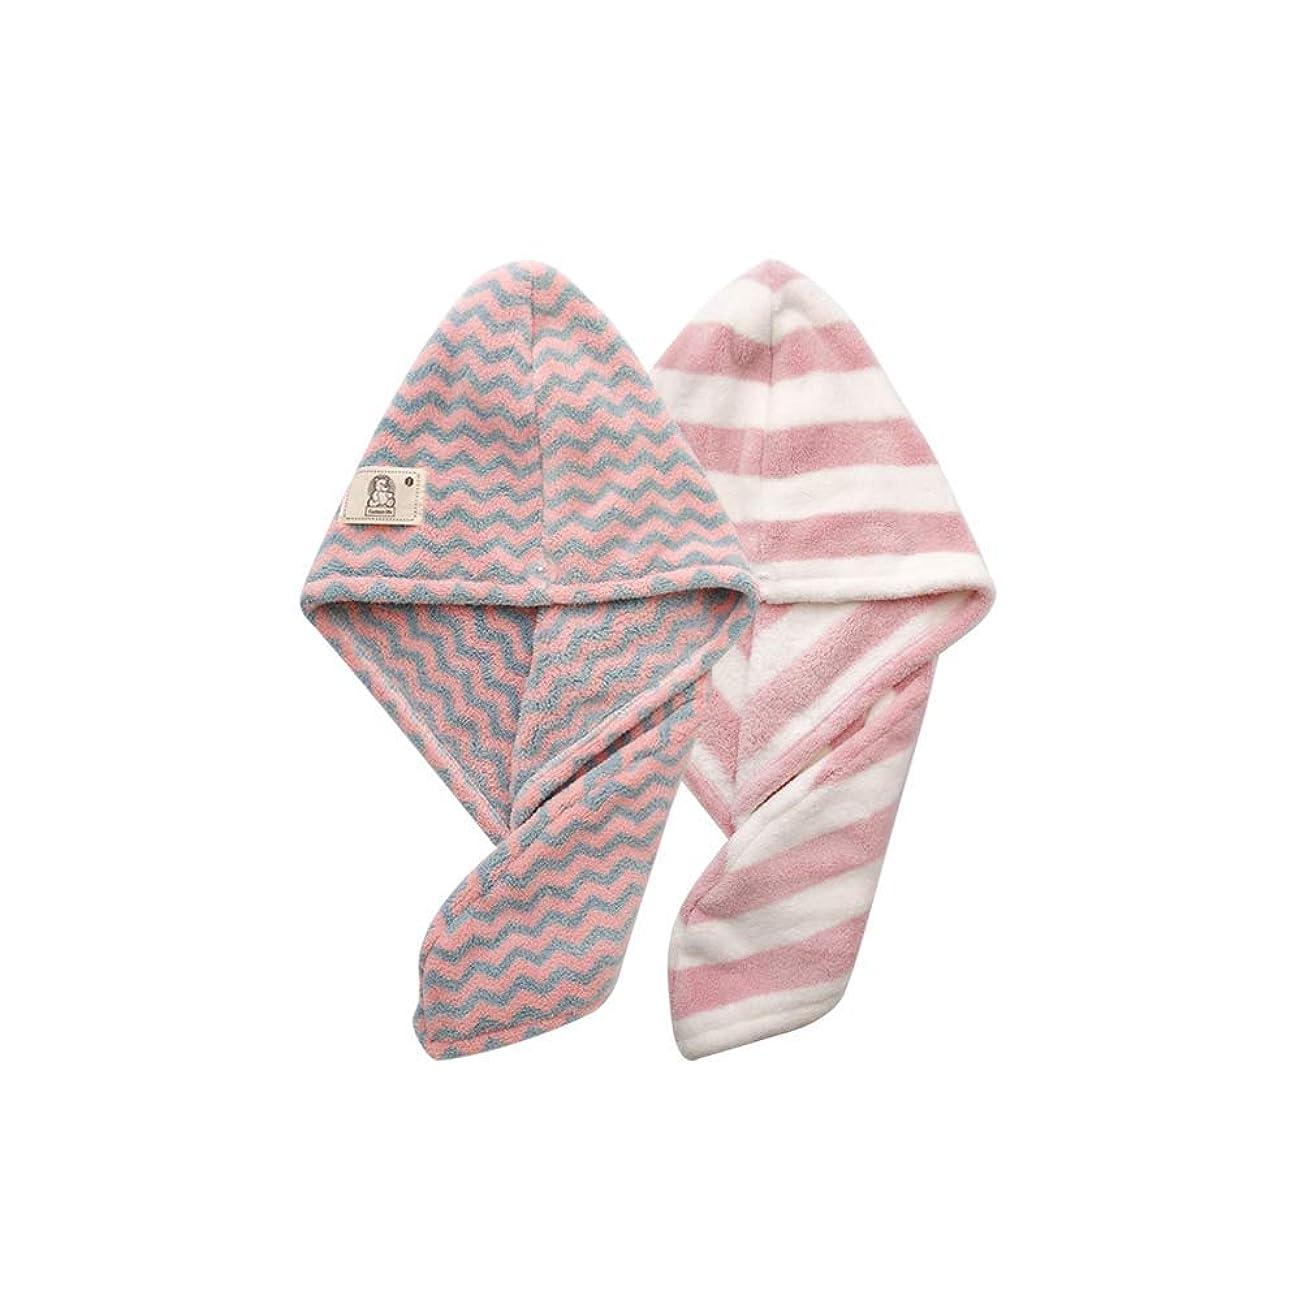 高さ未亡人おびえたChinashow 2 パック ファースト 乾性 タオル ガールズ 用 マイクロファイバー ヘア タオル ラップ シャワー キャップ 乾性 タオル ボタン付き (ピンク ストライプ +グレー 波 ストライプ)